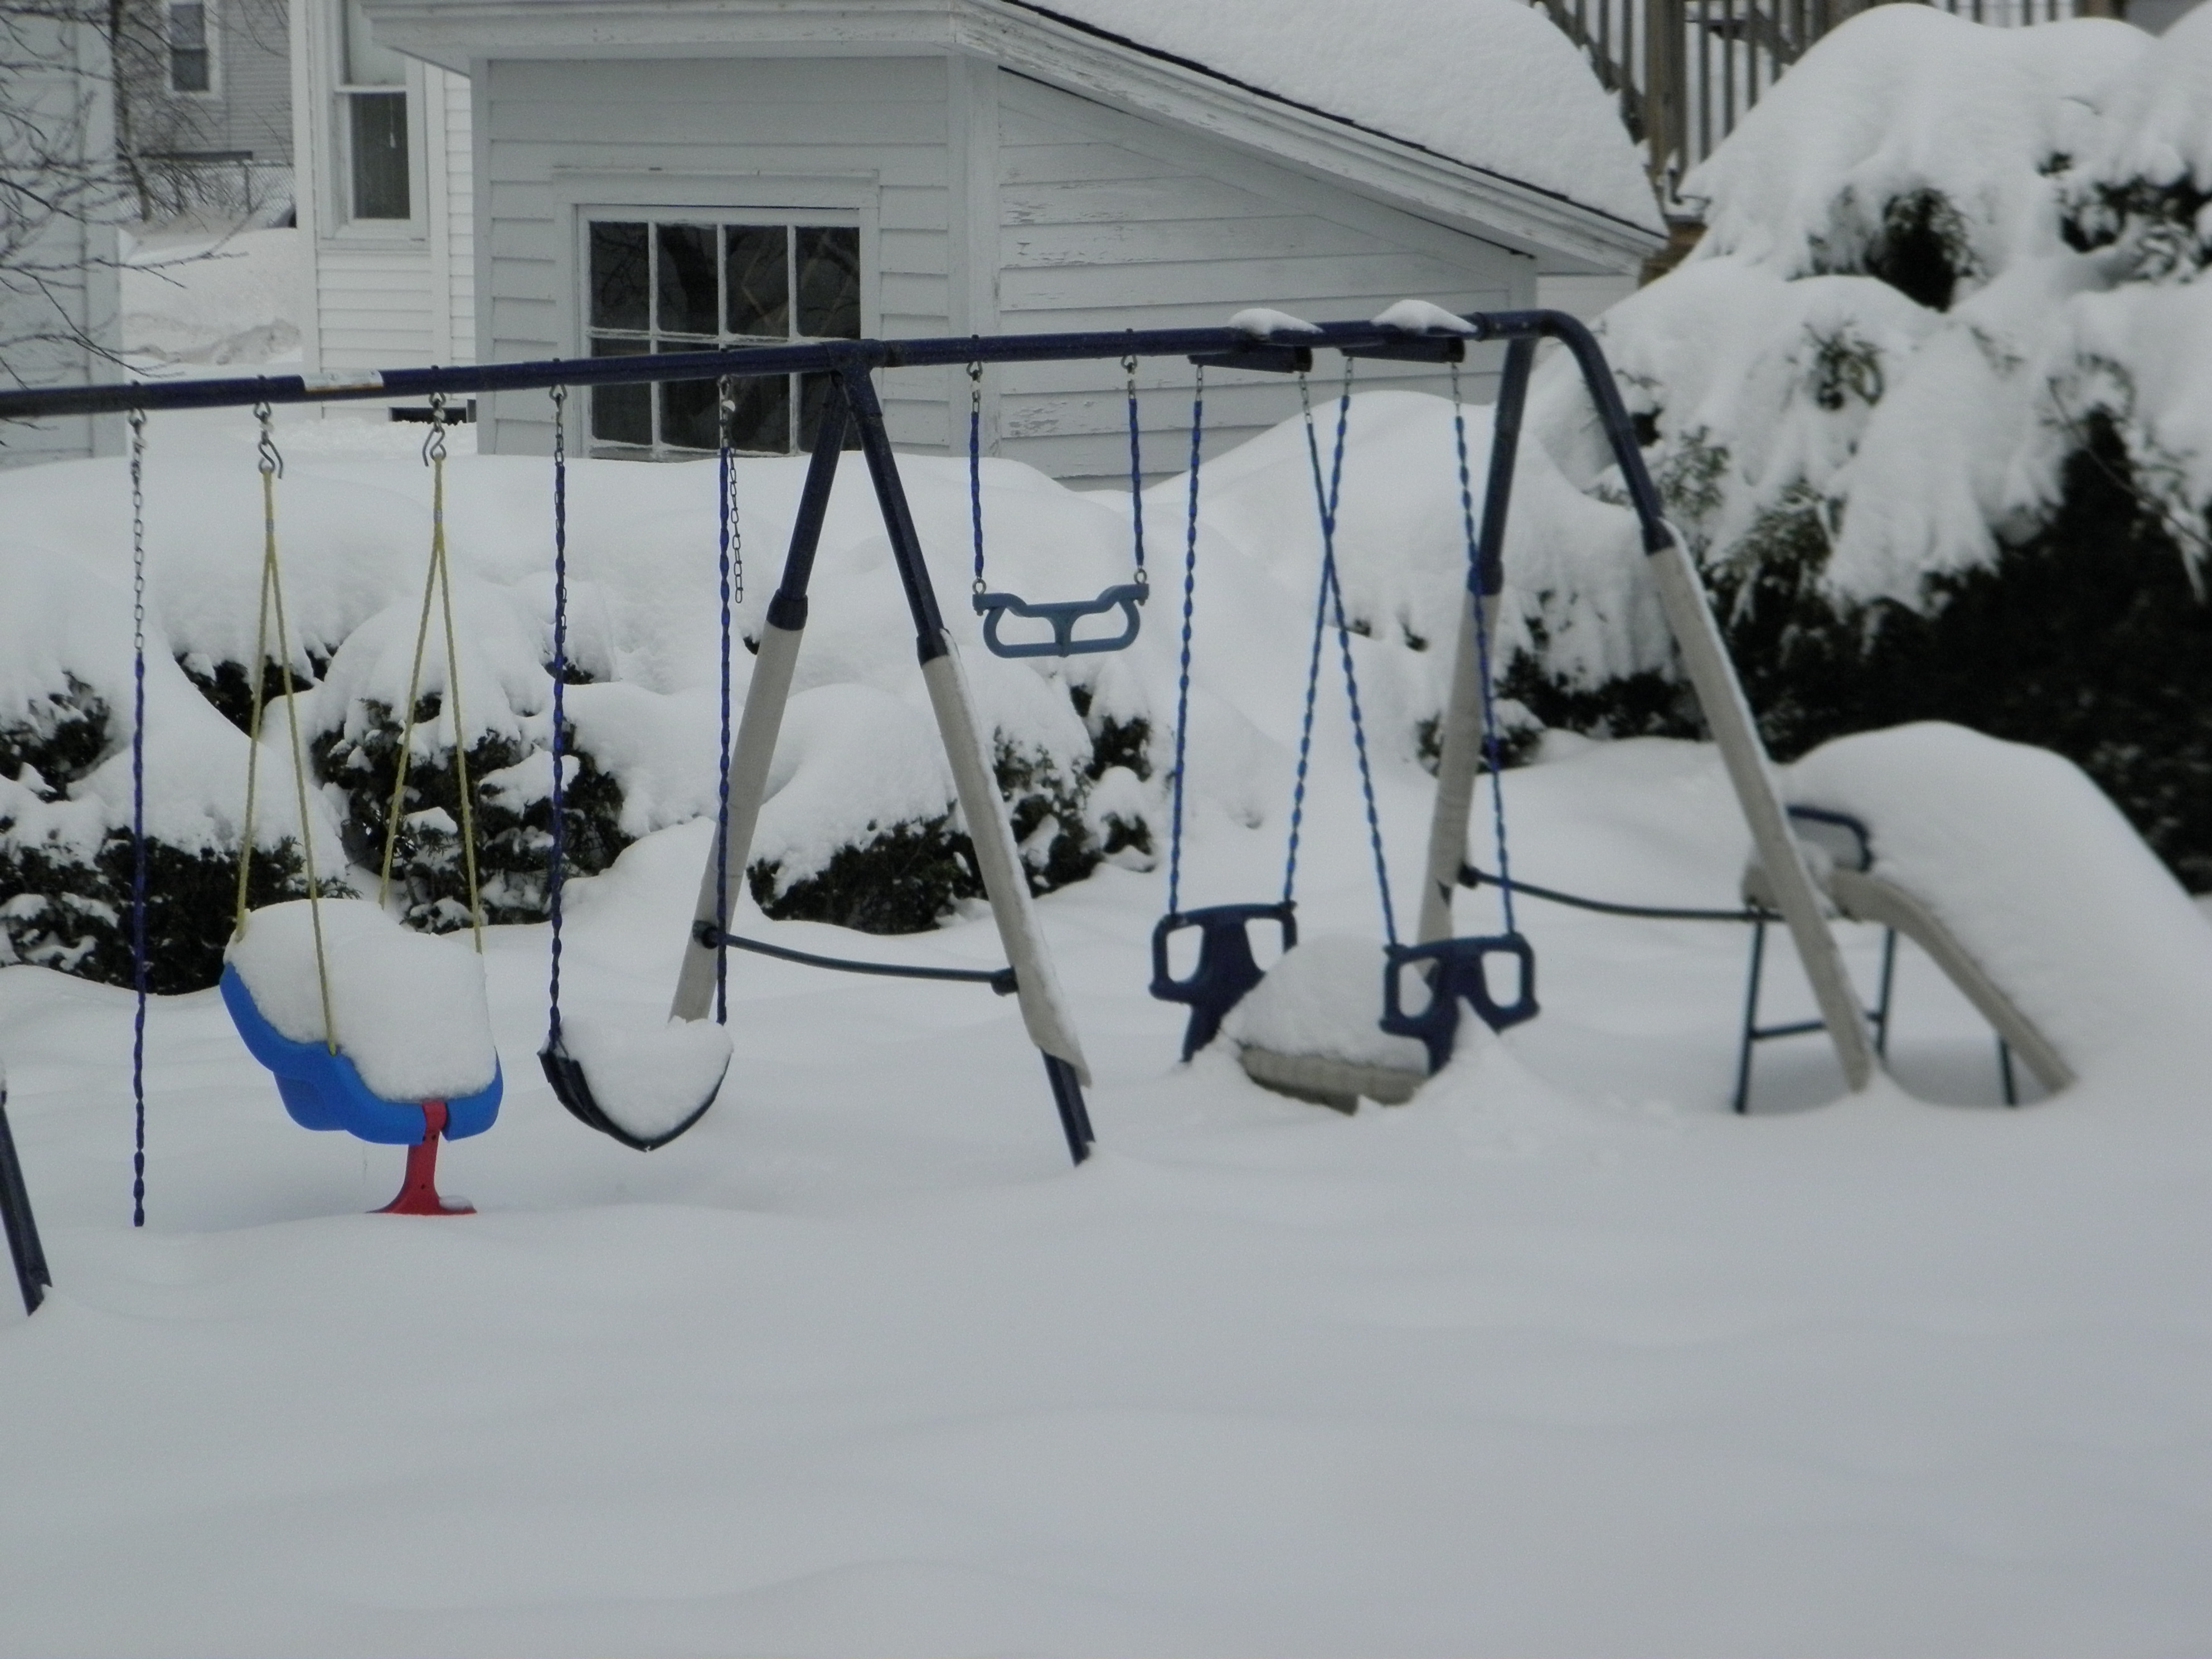 Snow swings